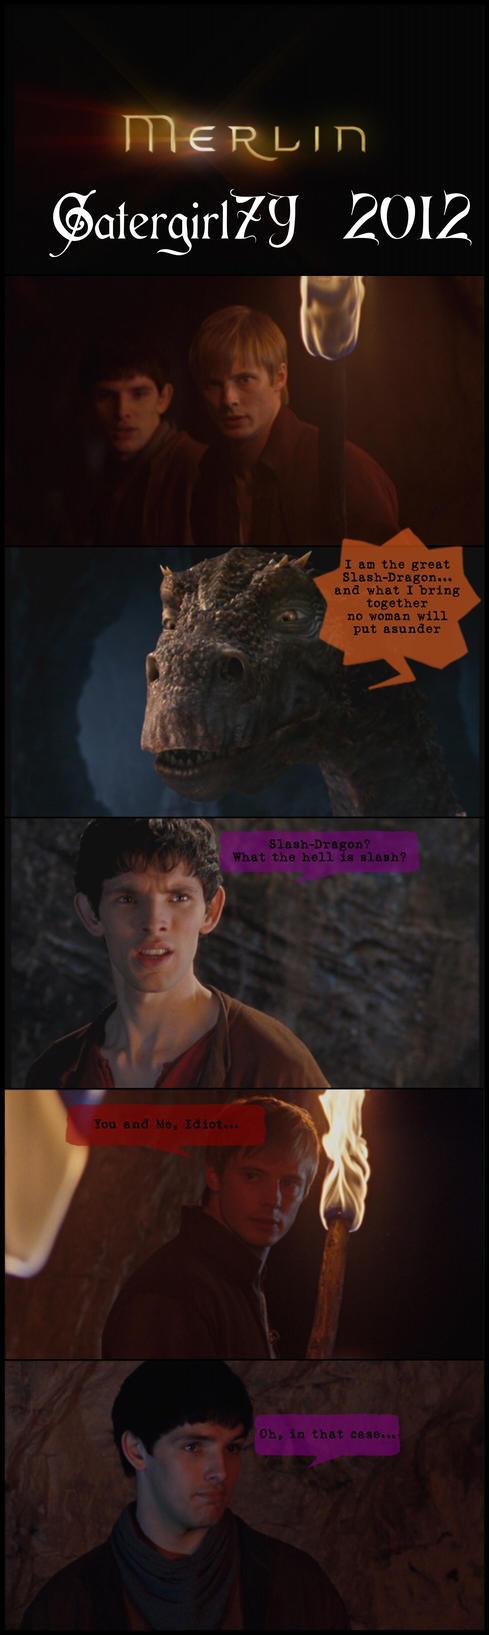 Слэш дракон и человек 11 фотография